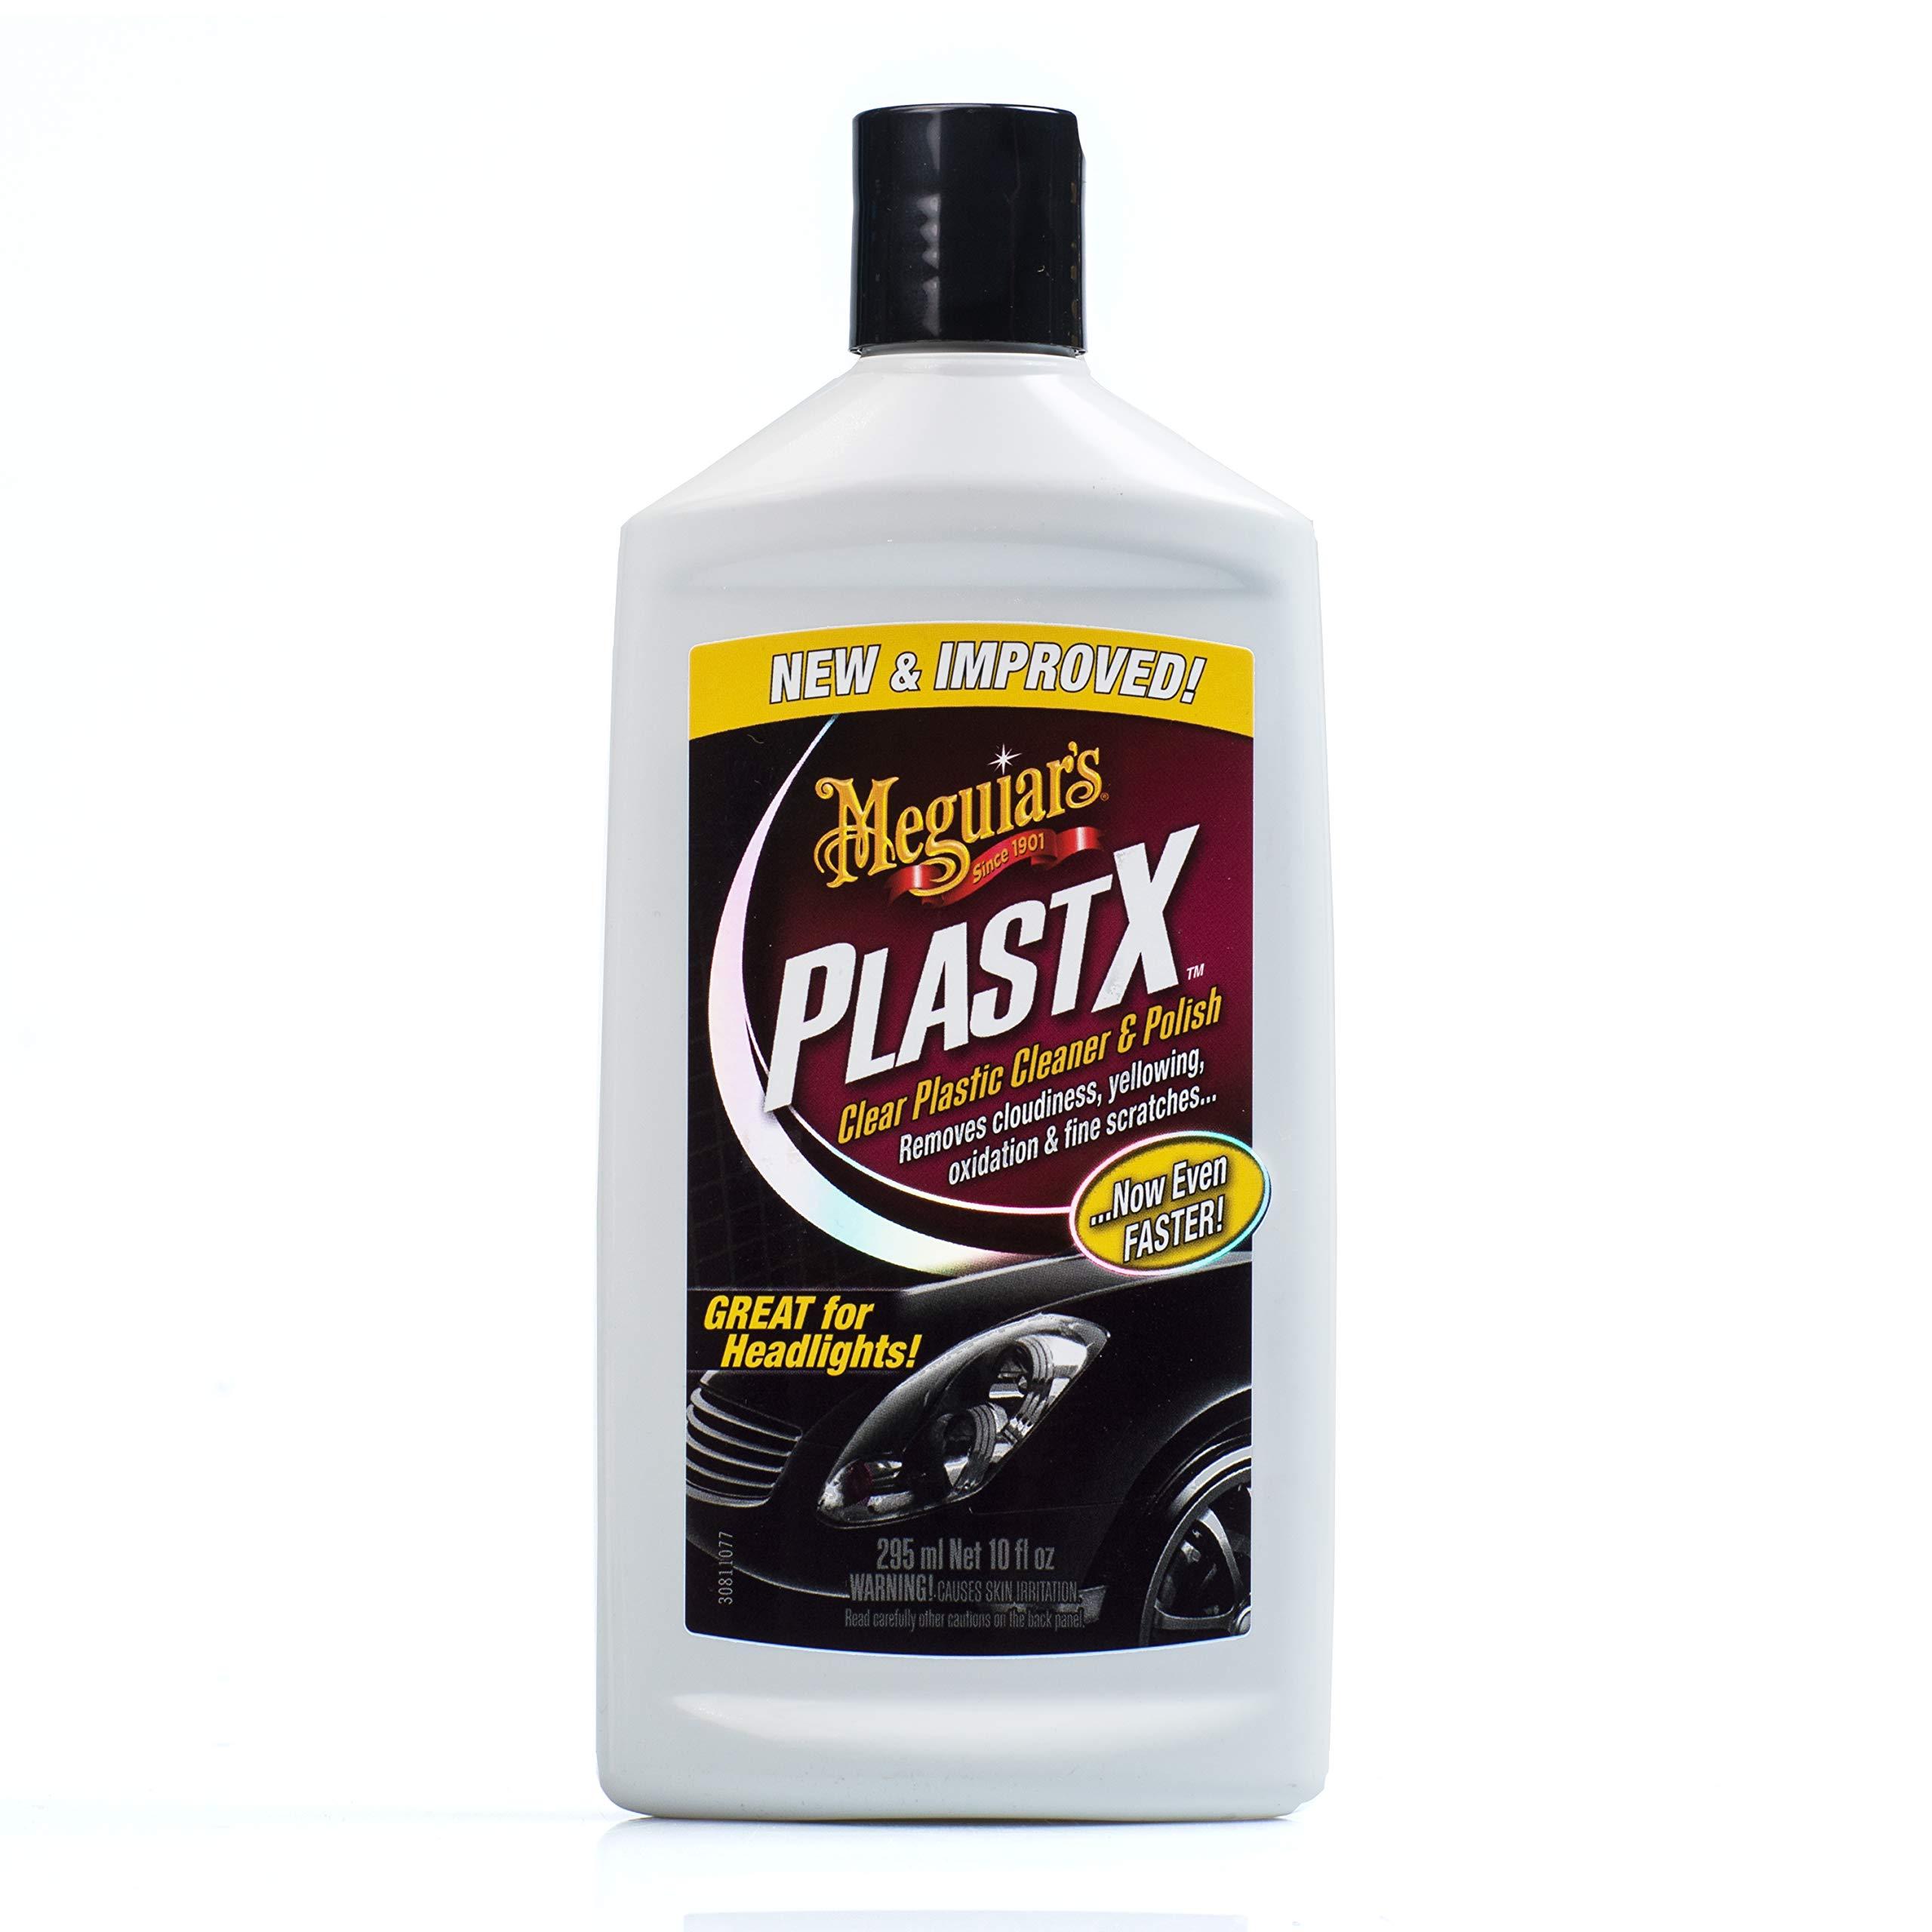 Meguiar's G12310 PlastX Clear Plastic Cleaner & Polish, 10 Fluid Ounces